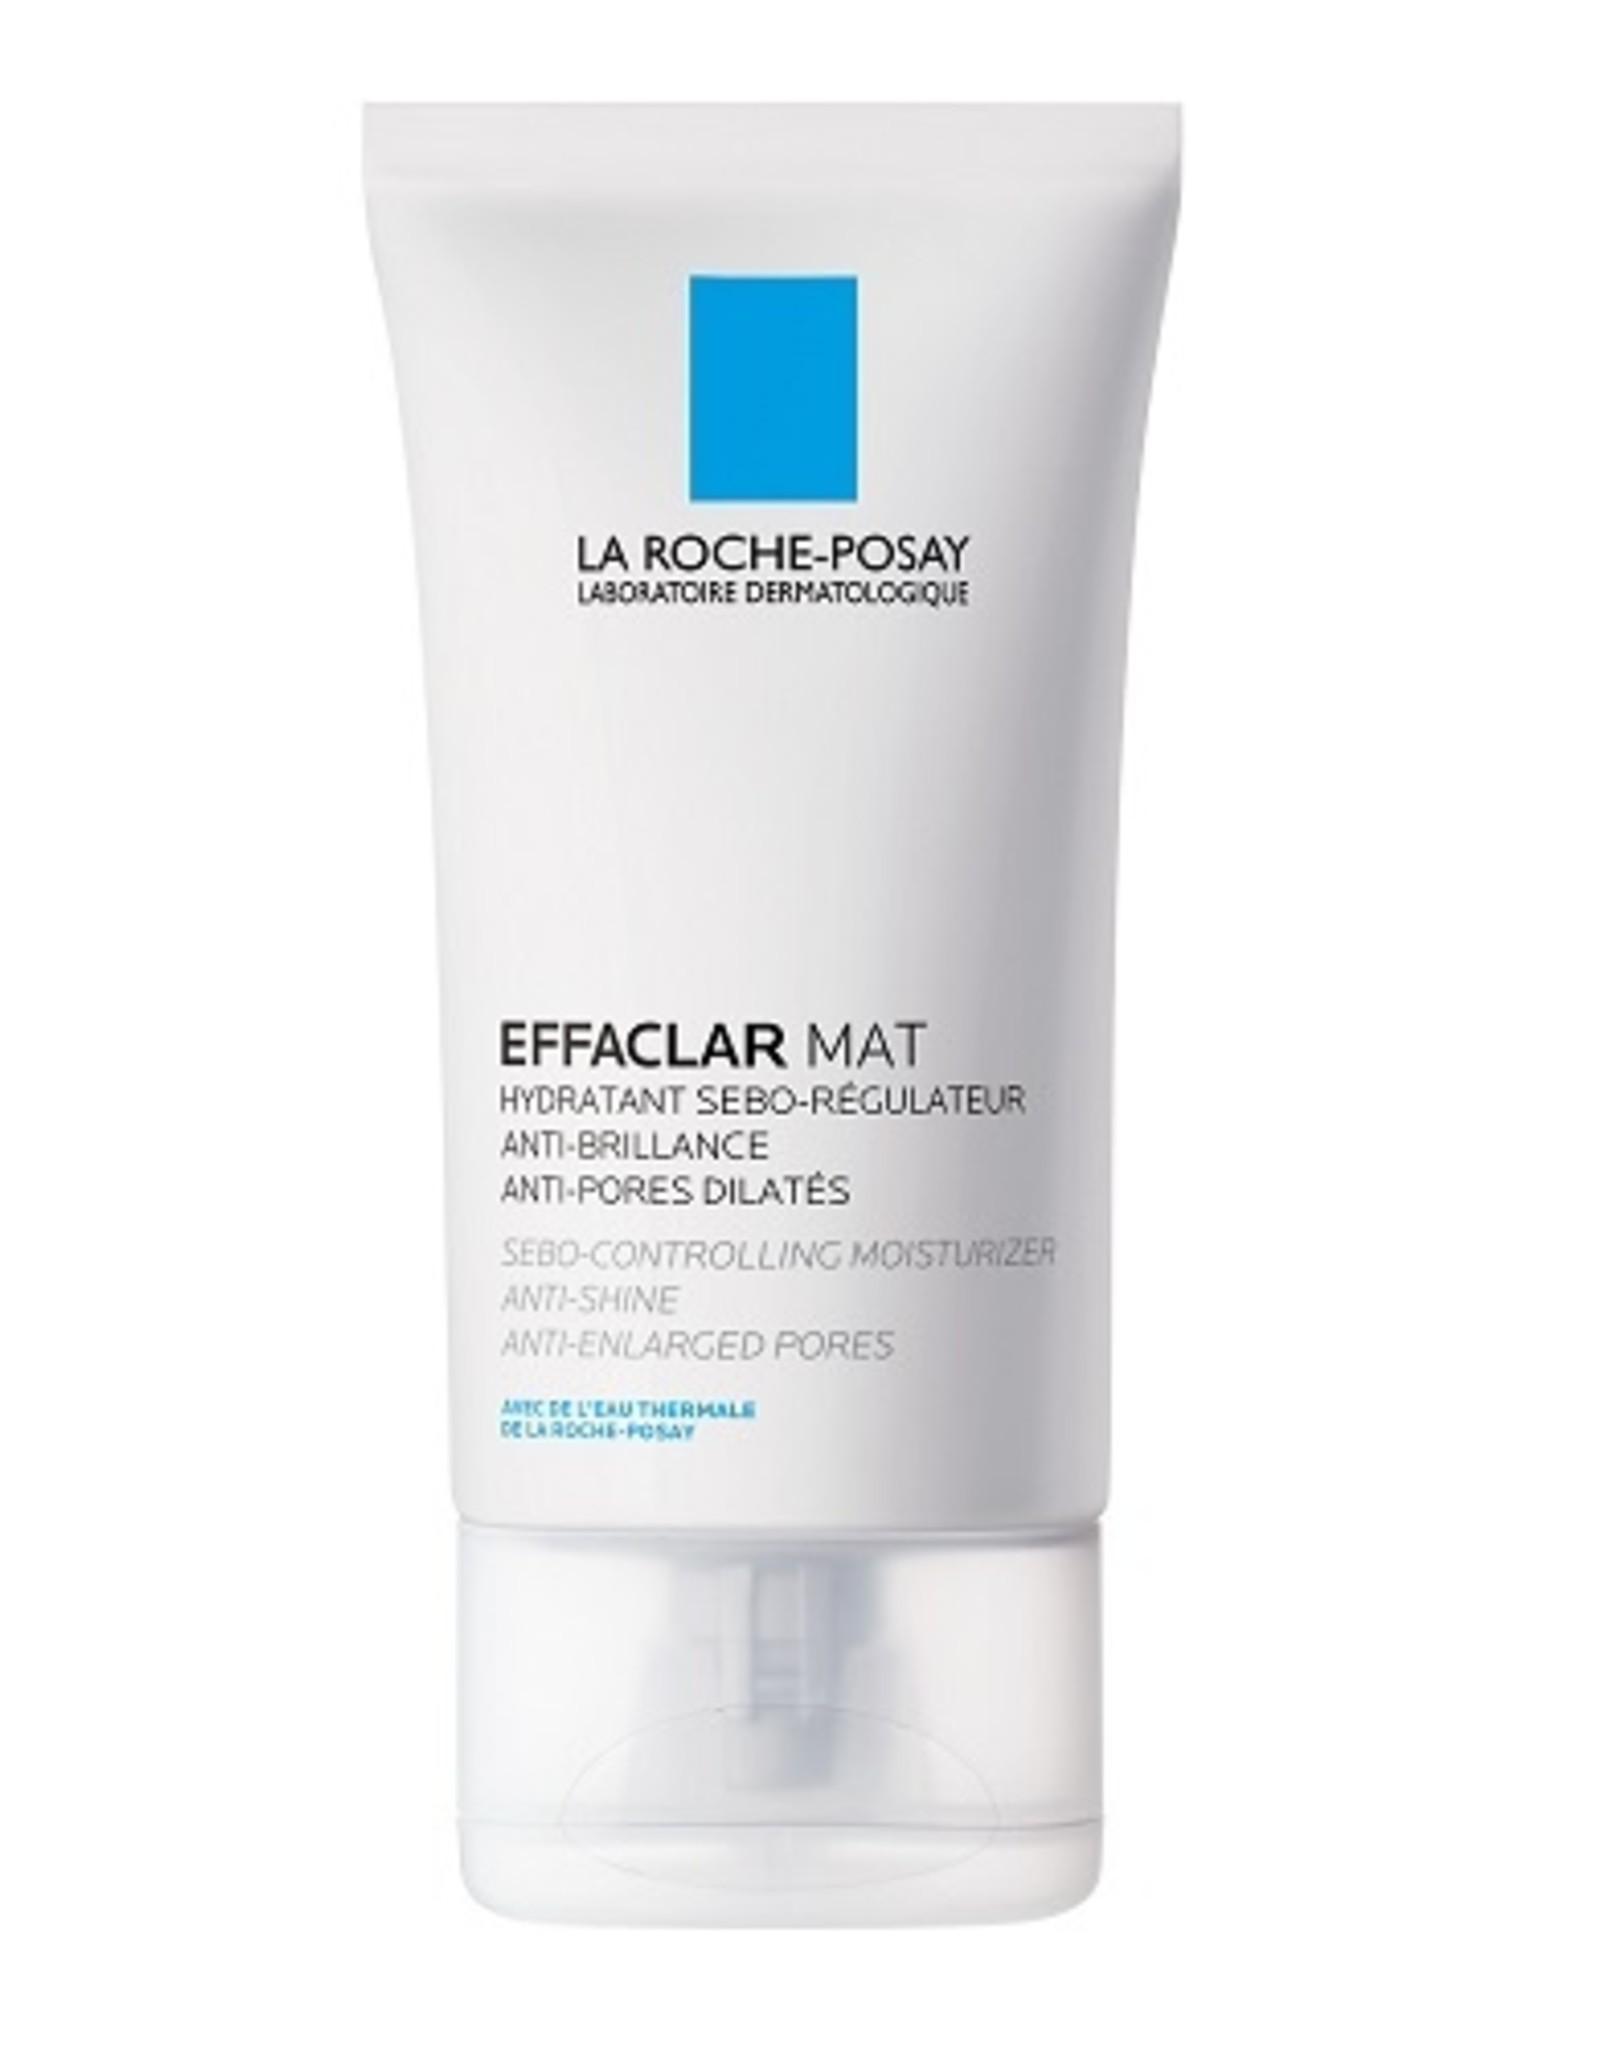 La Roche Posay Effaclar Matte Creme 40ml